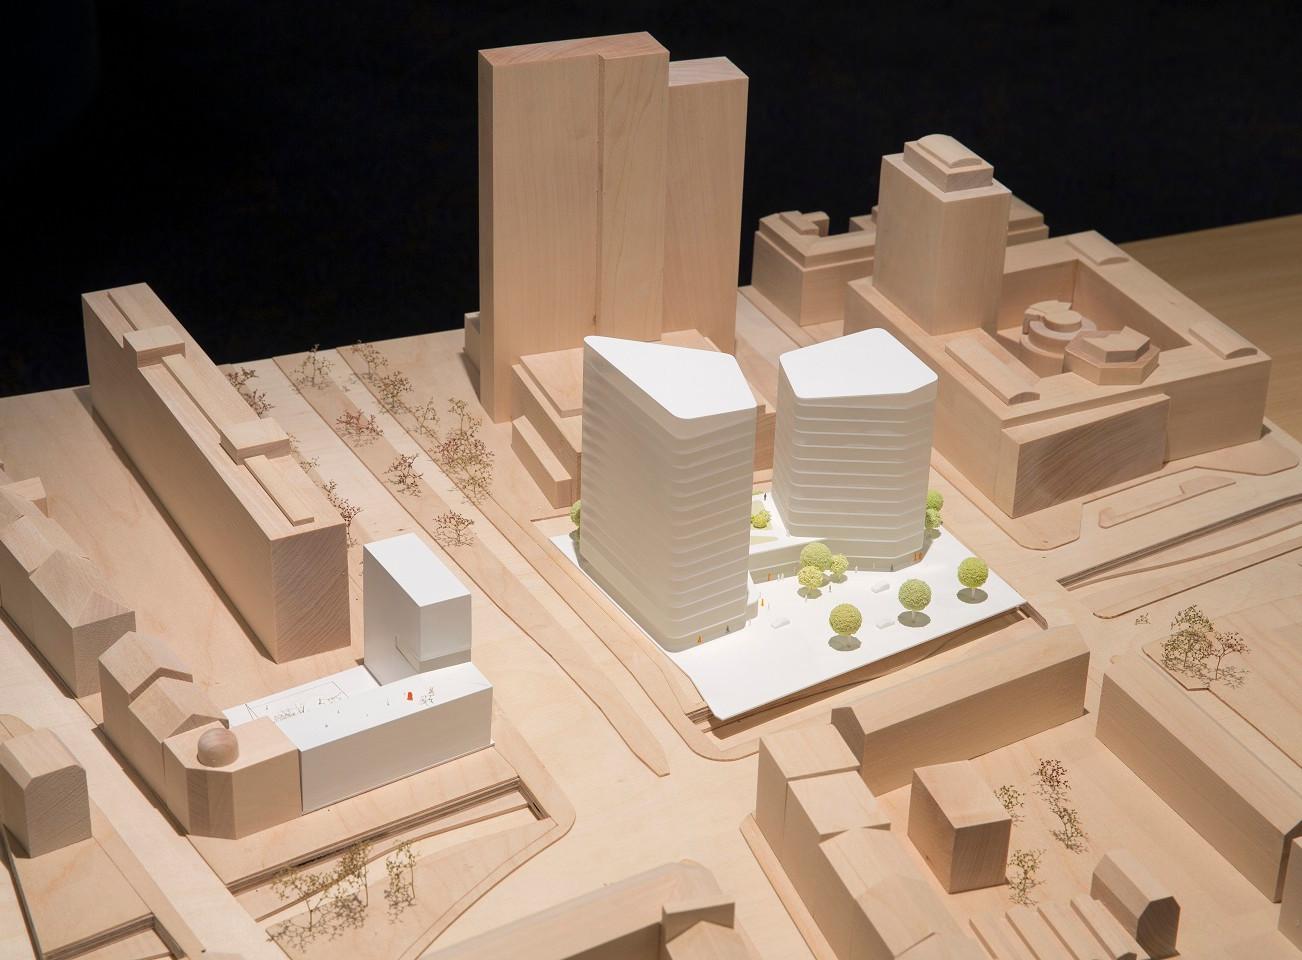 Leipzig: Covivio gibt die Ergebnisse des Architekturwettbewerbs für ein modernes Büro-Hochhauspaar nahe dem Hauptbahnhof bekannt